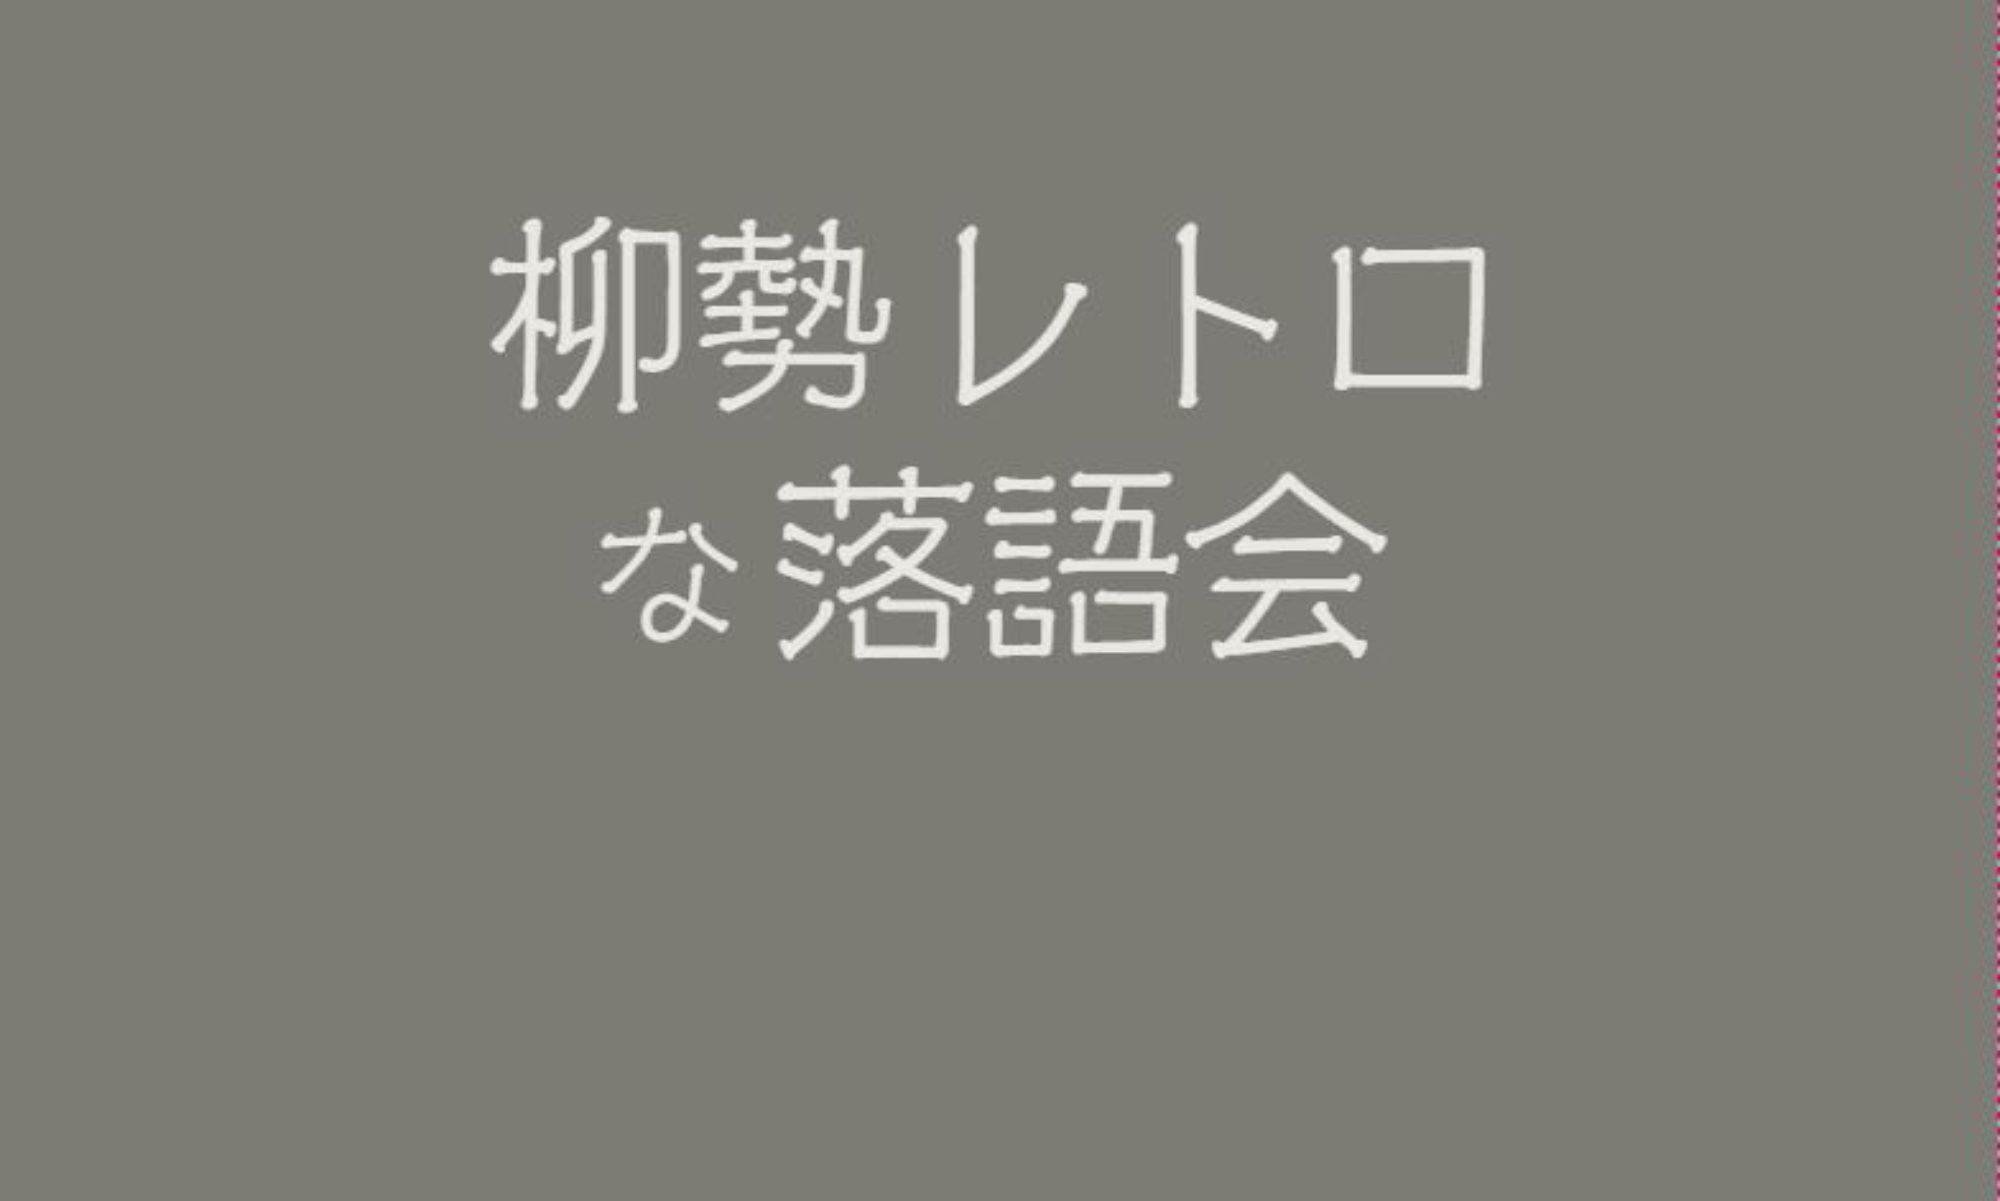 [公式]玉屋柳勢 (たまやりゅうせい)